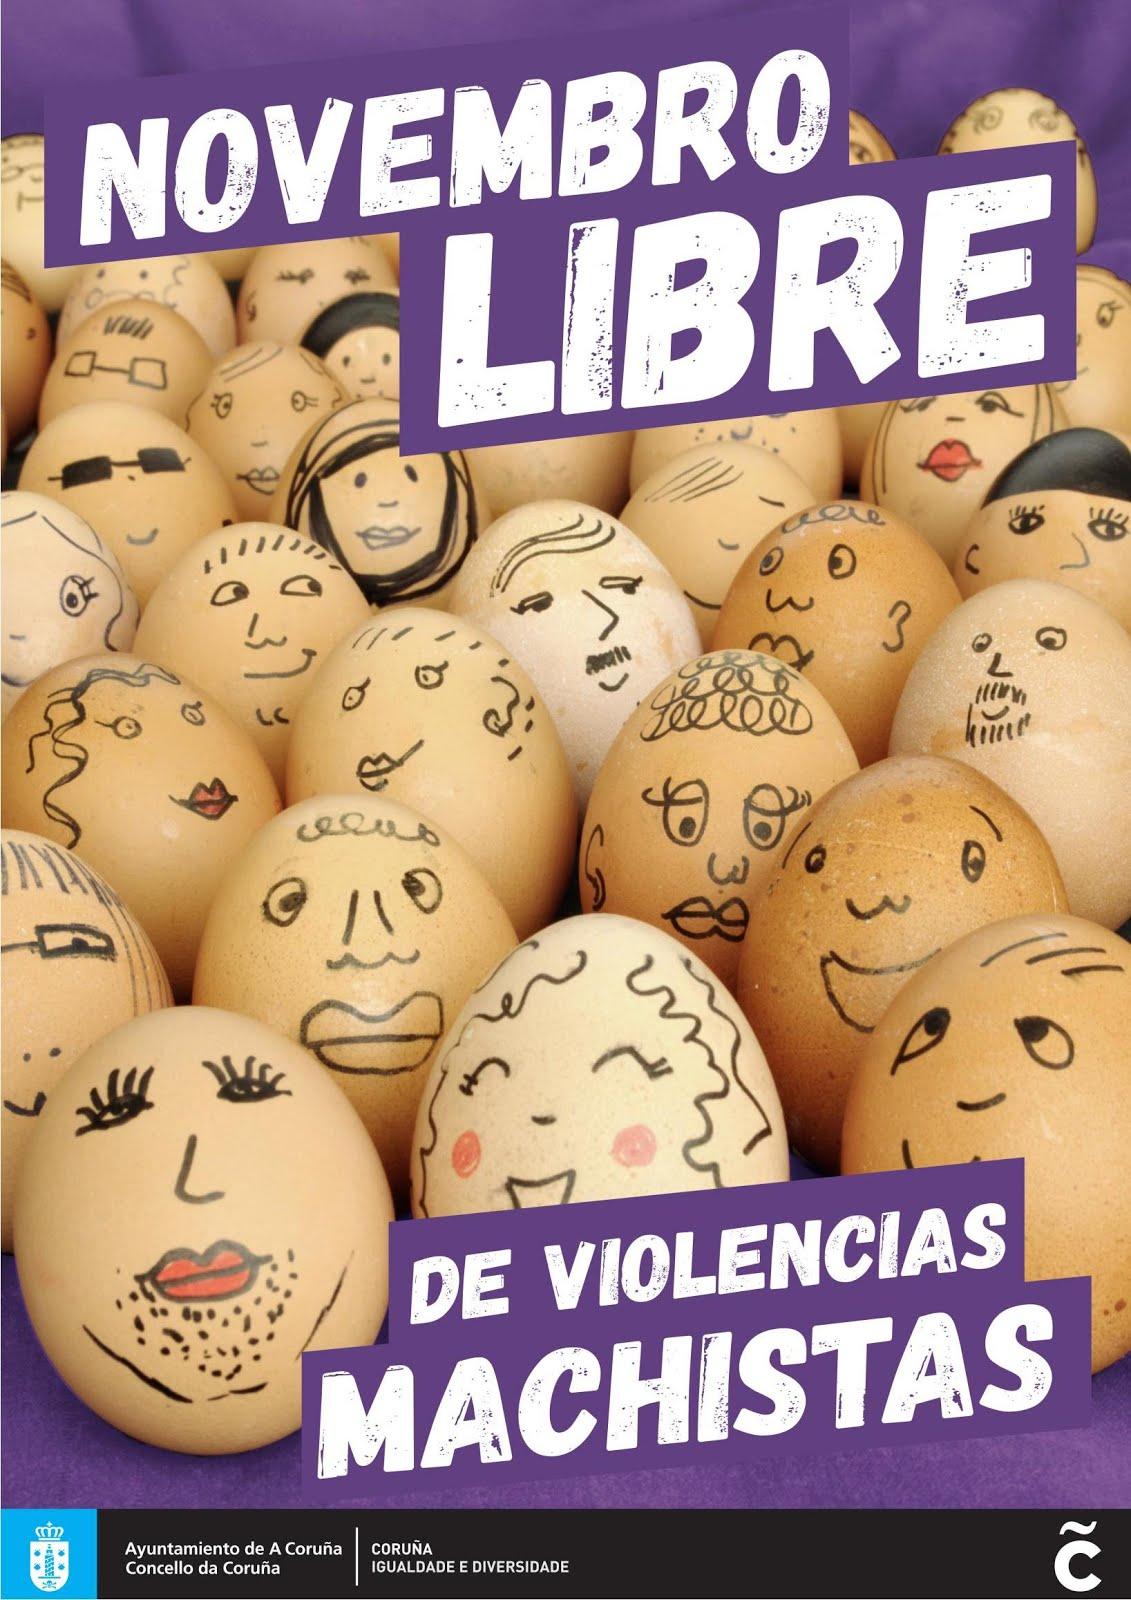 Coruña sen violencias machistas